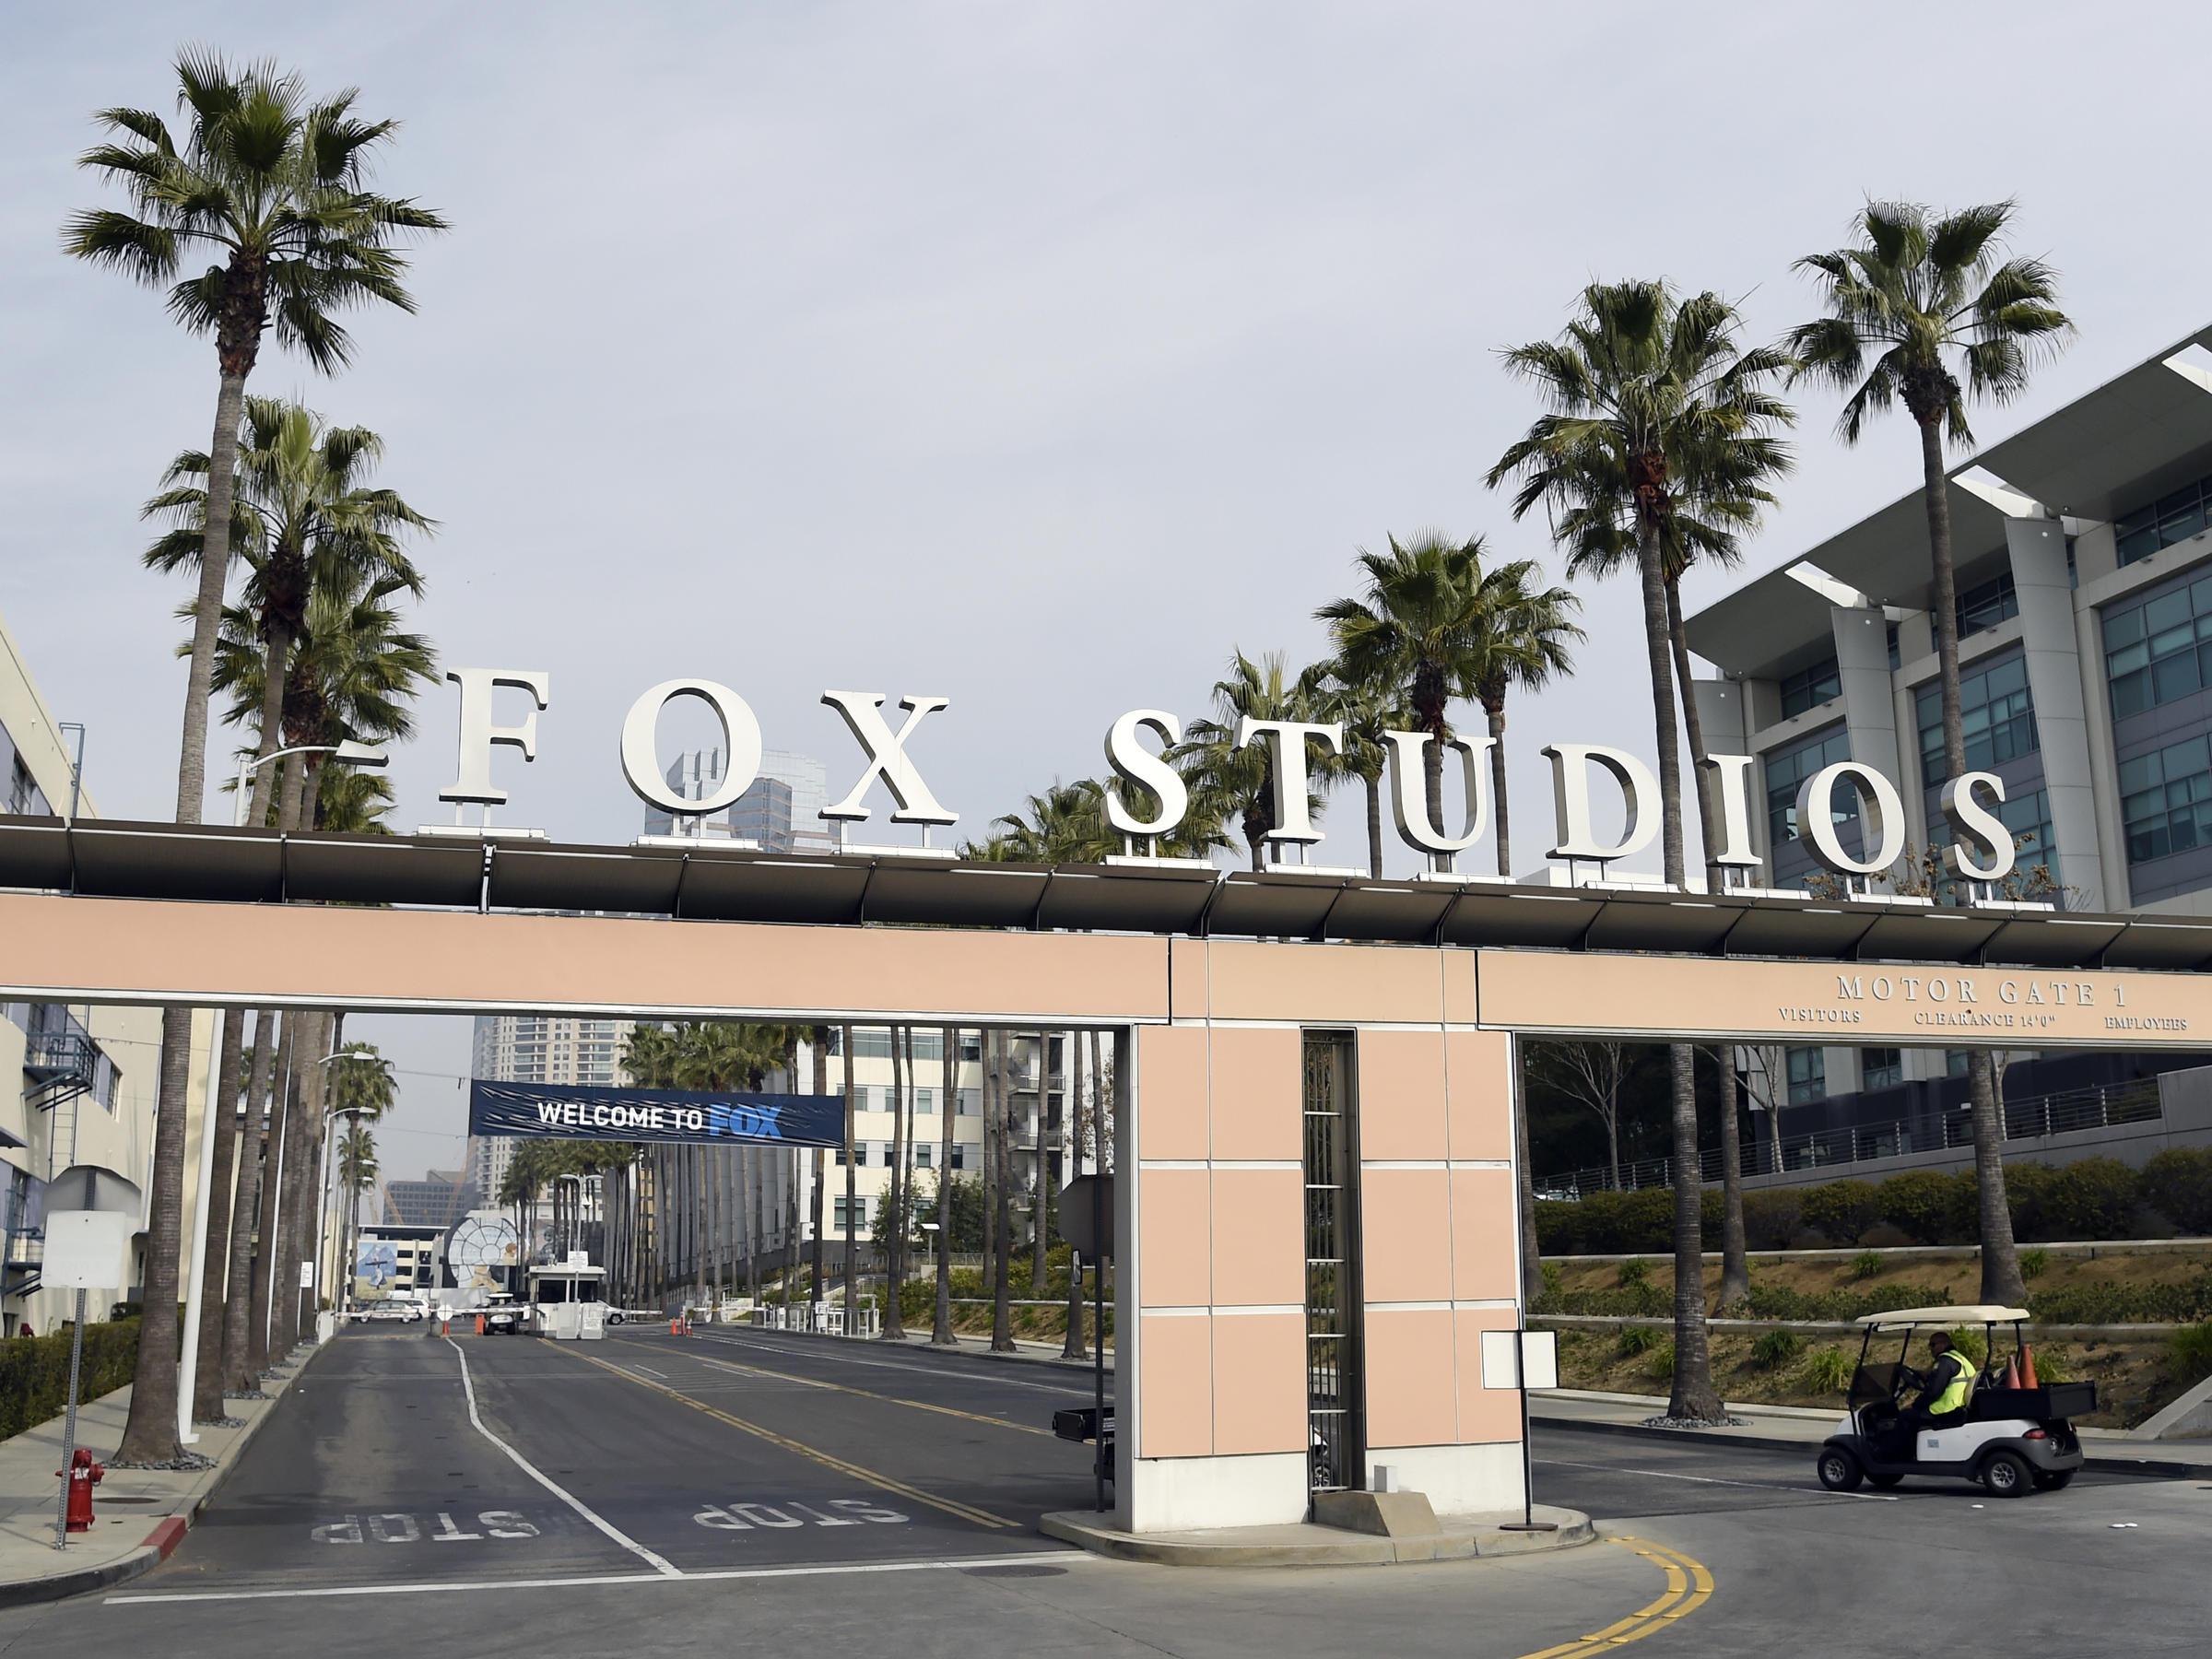 Disney chính thức sở hữu hãng 21st Century Fox